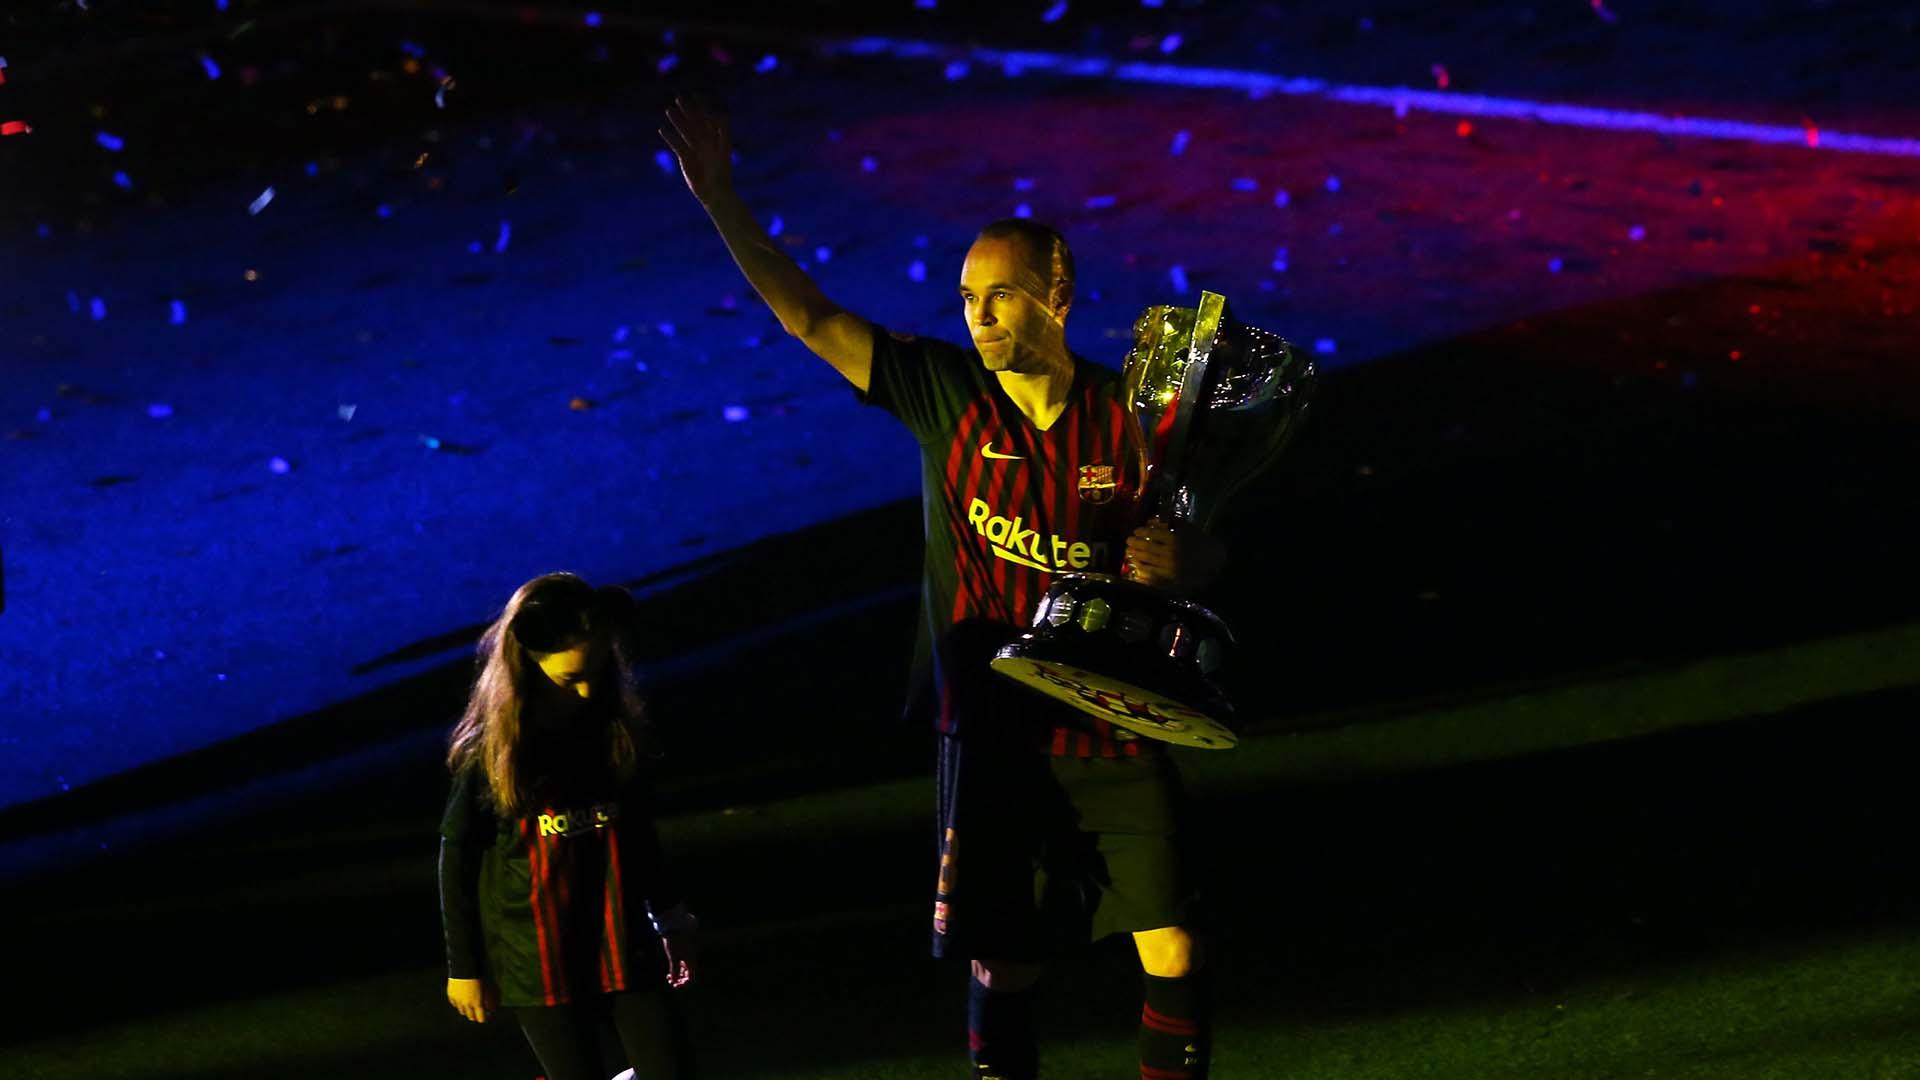 El futbolista quedará en la historia grande del Barcelona